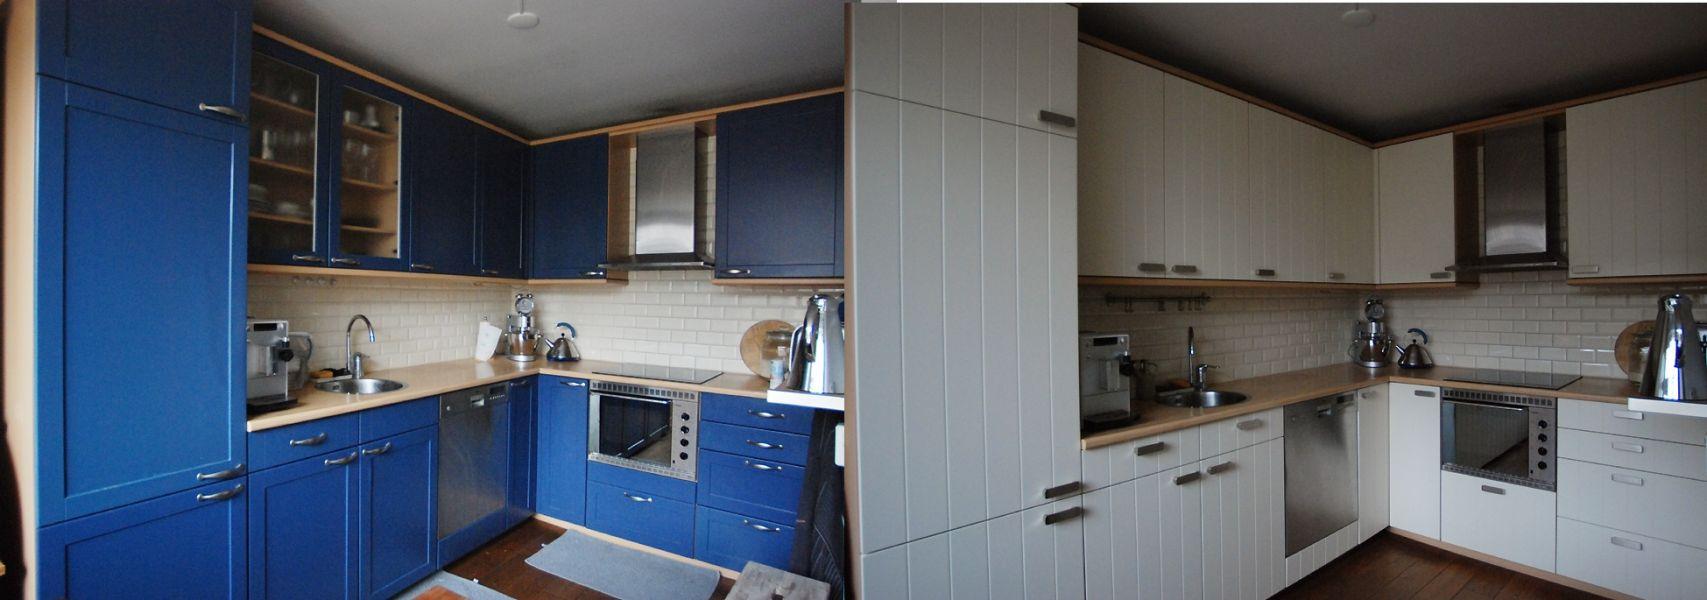 Keukenrenovatie Oss : Keukenrenovatie en keukendeurtjes vervangen met keukenblad